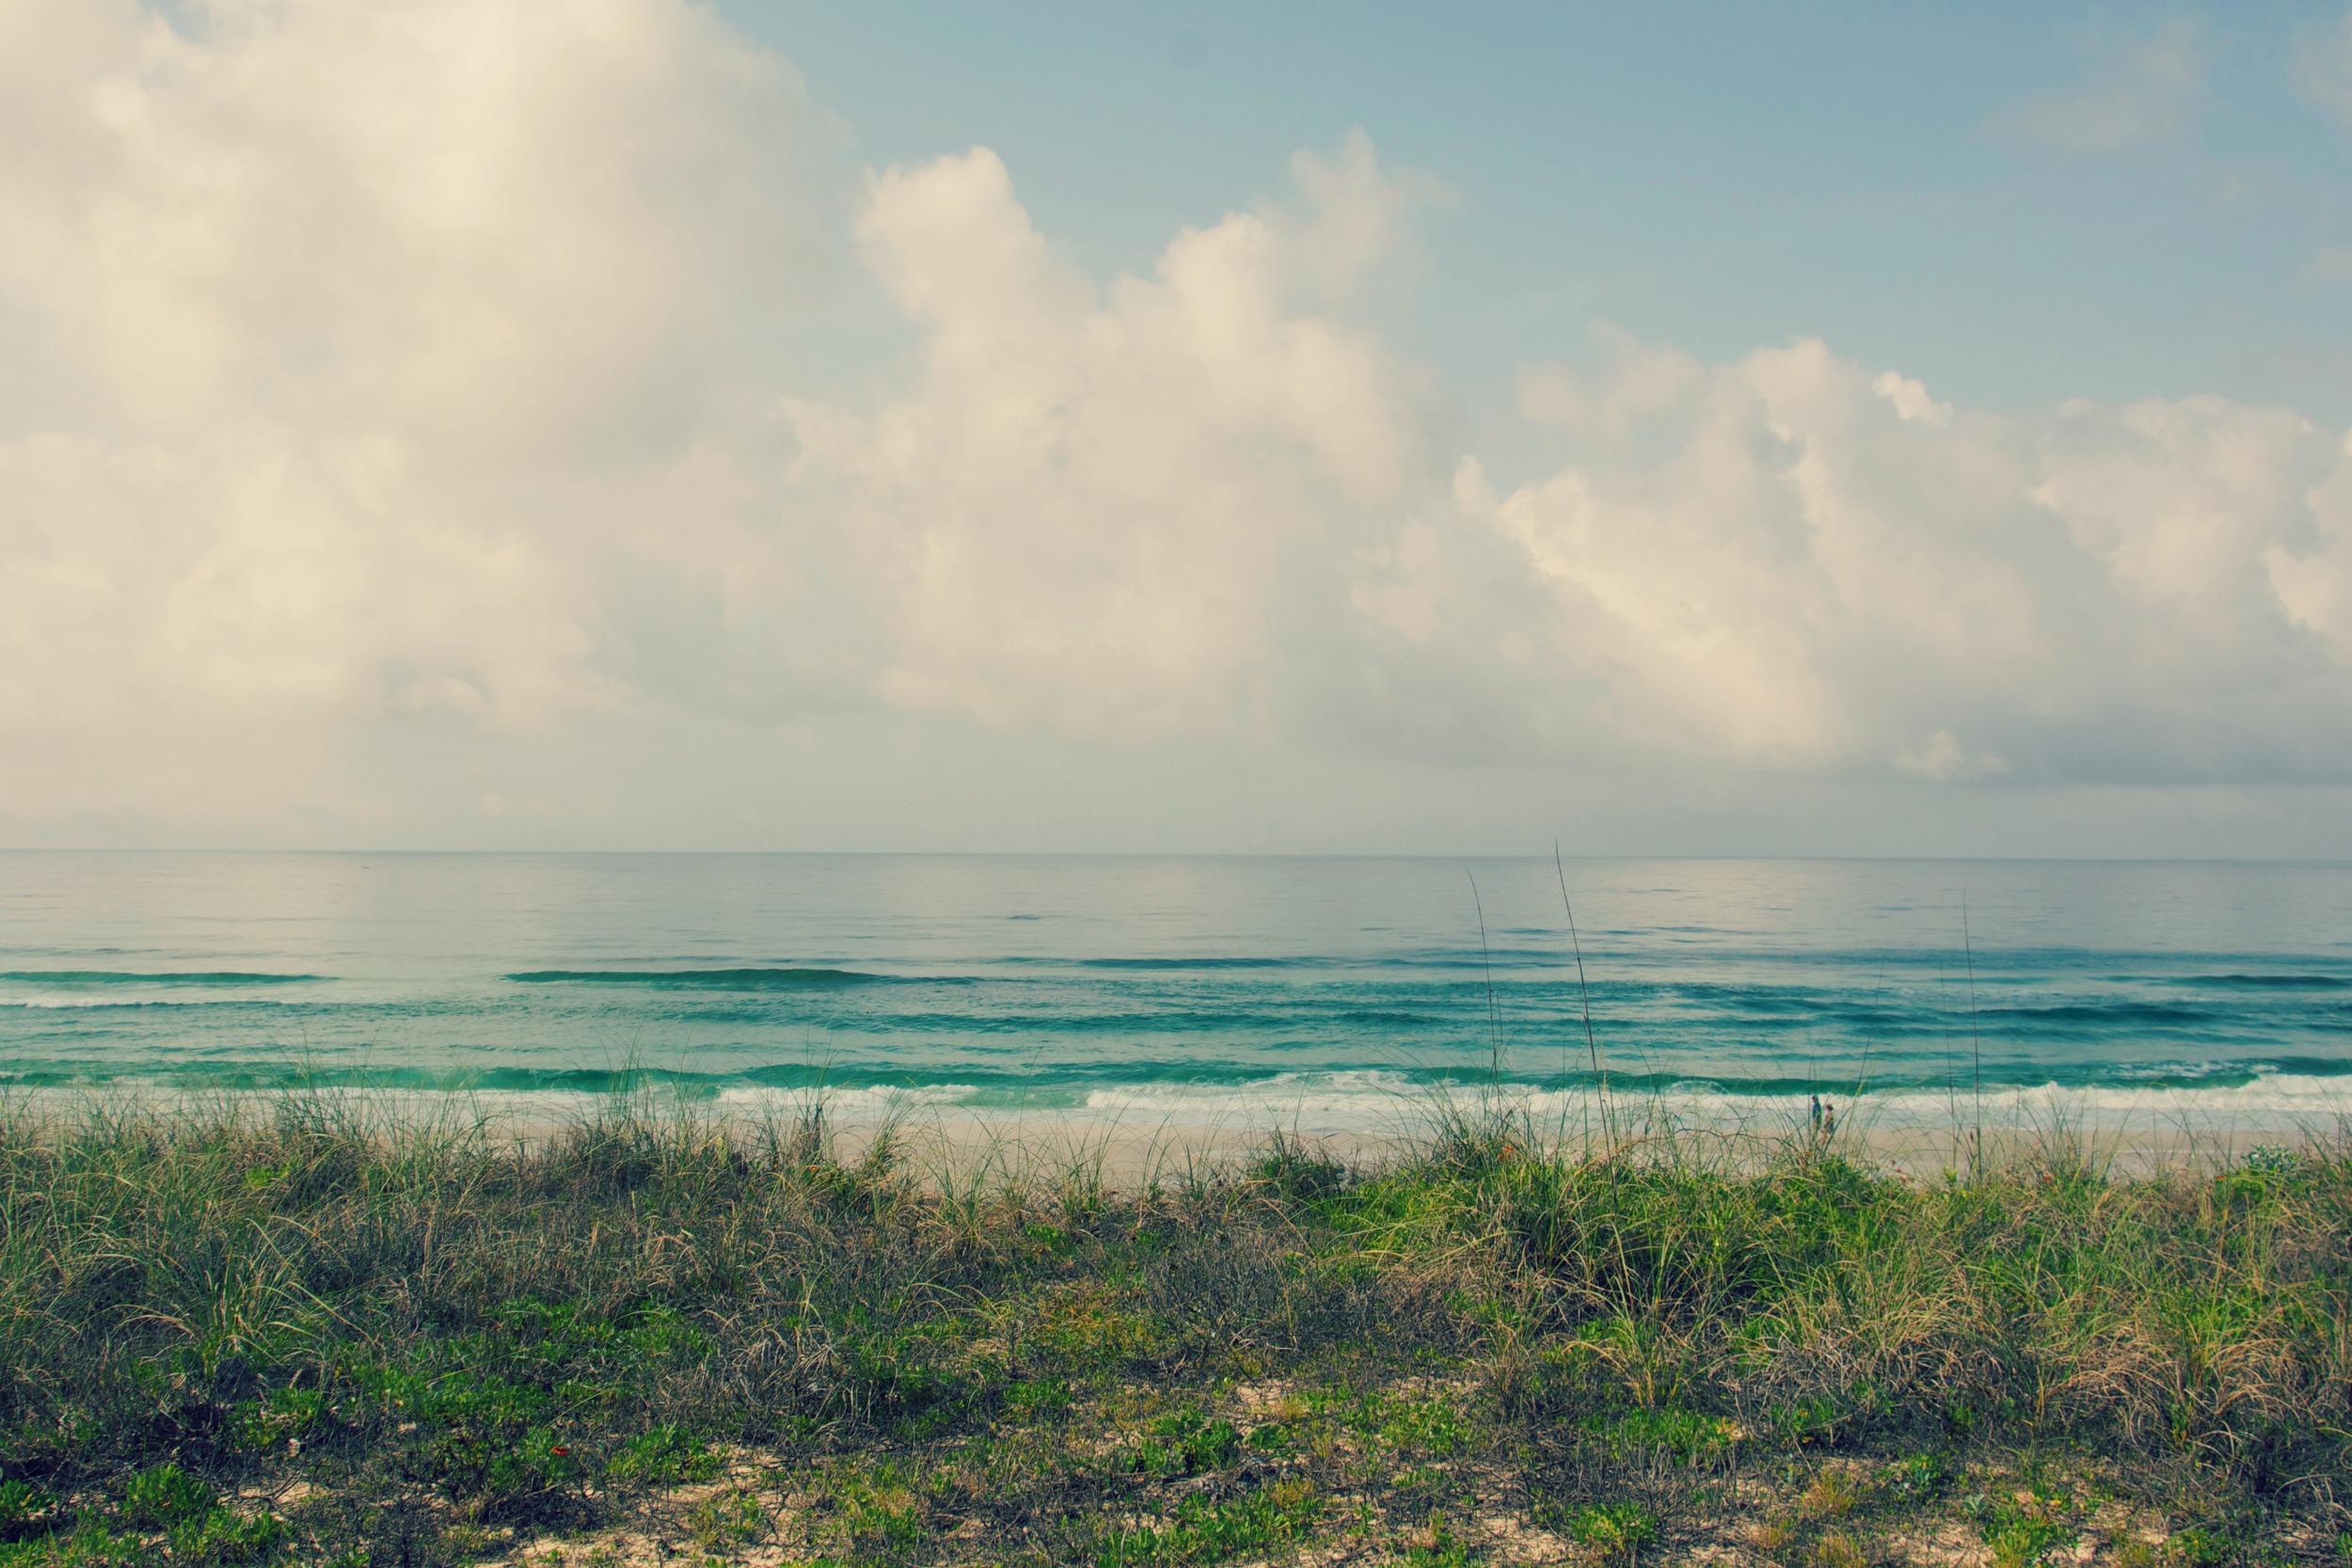 The Emerald Coast